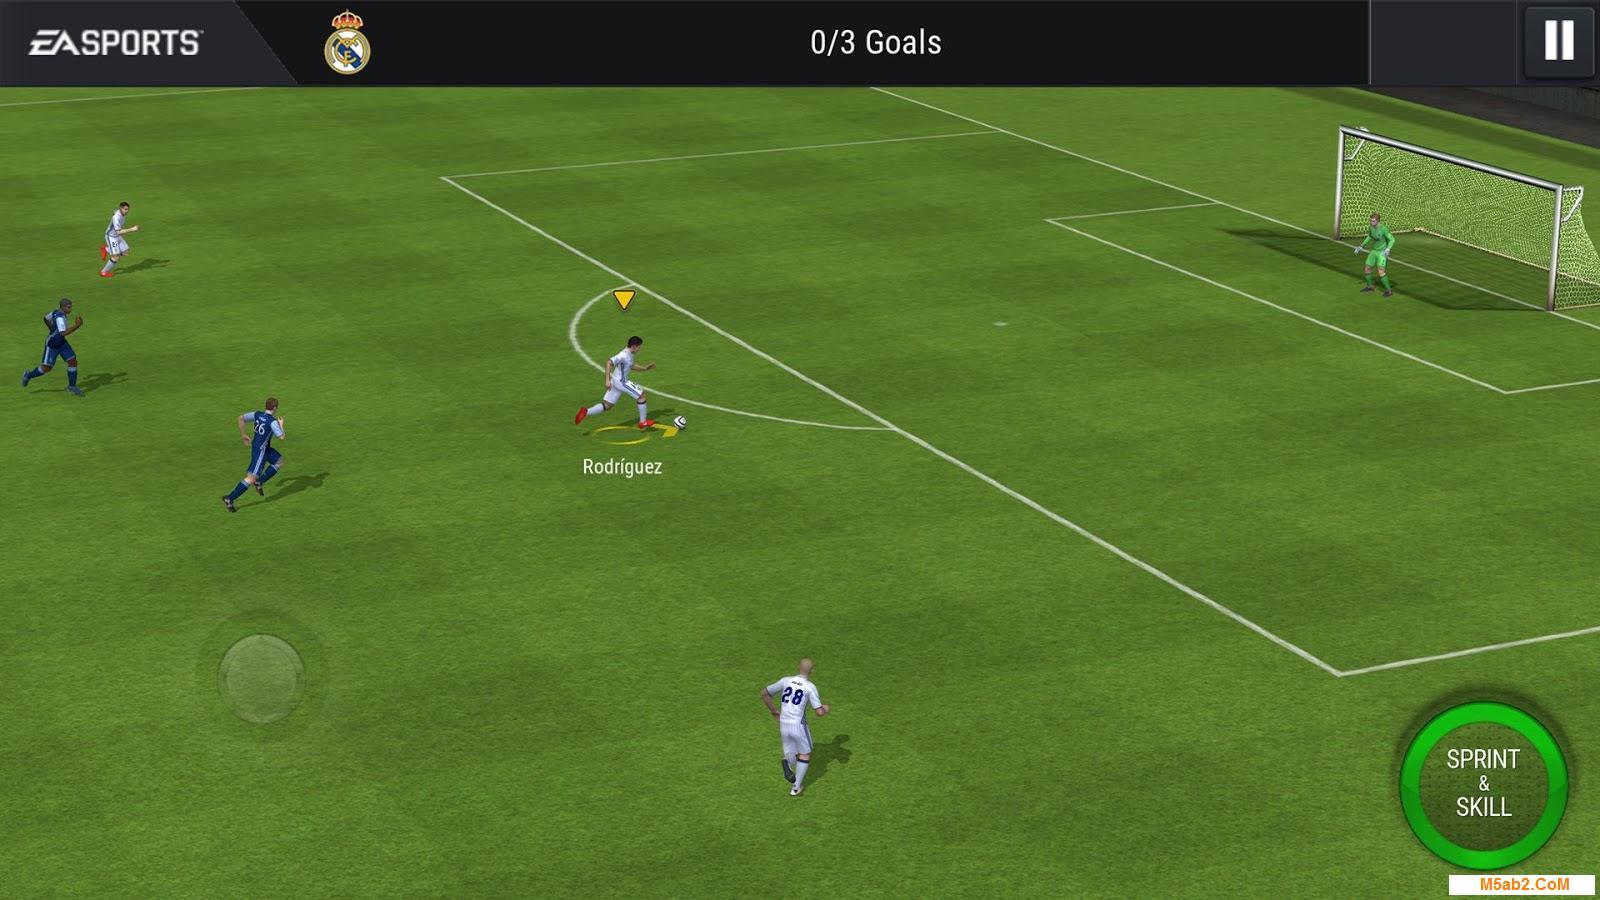 تحميل لعبة فيفا FIFA Football للأندرويد 2018 مجانًا